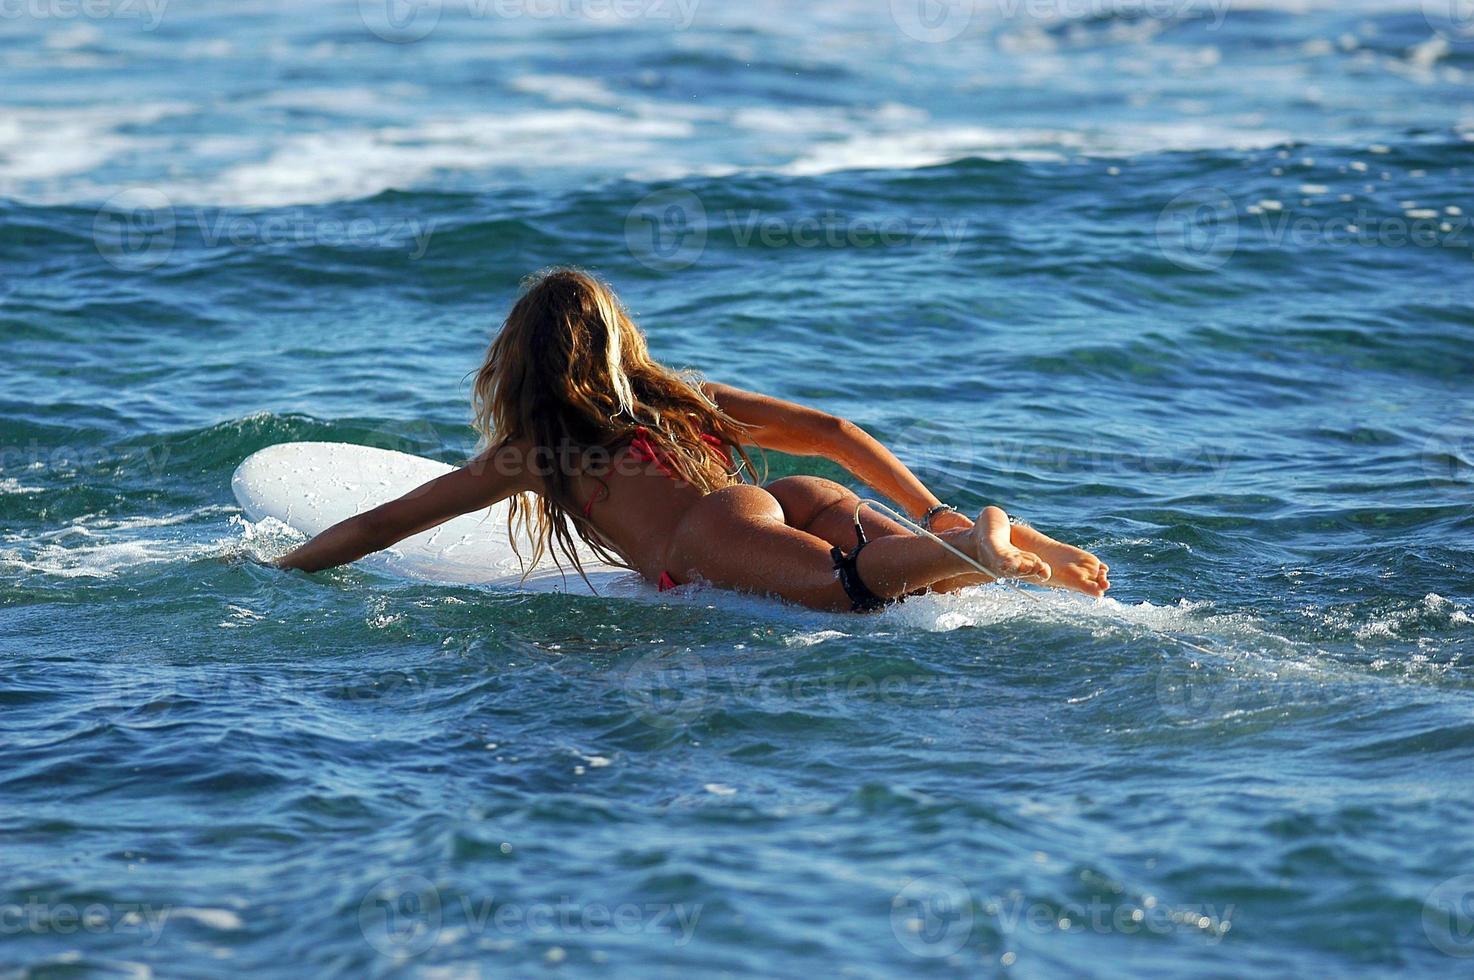 surf el encuentro photo